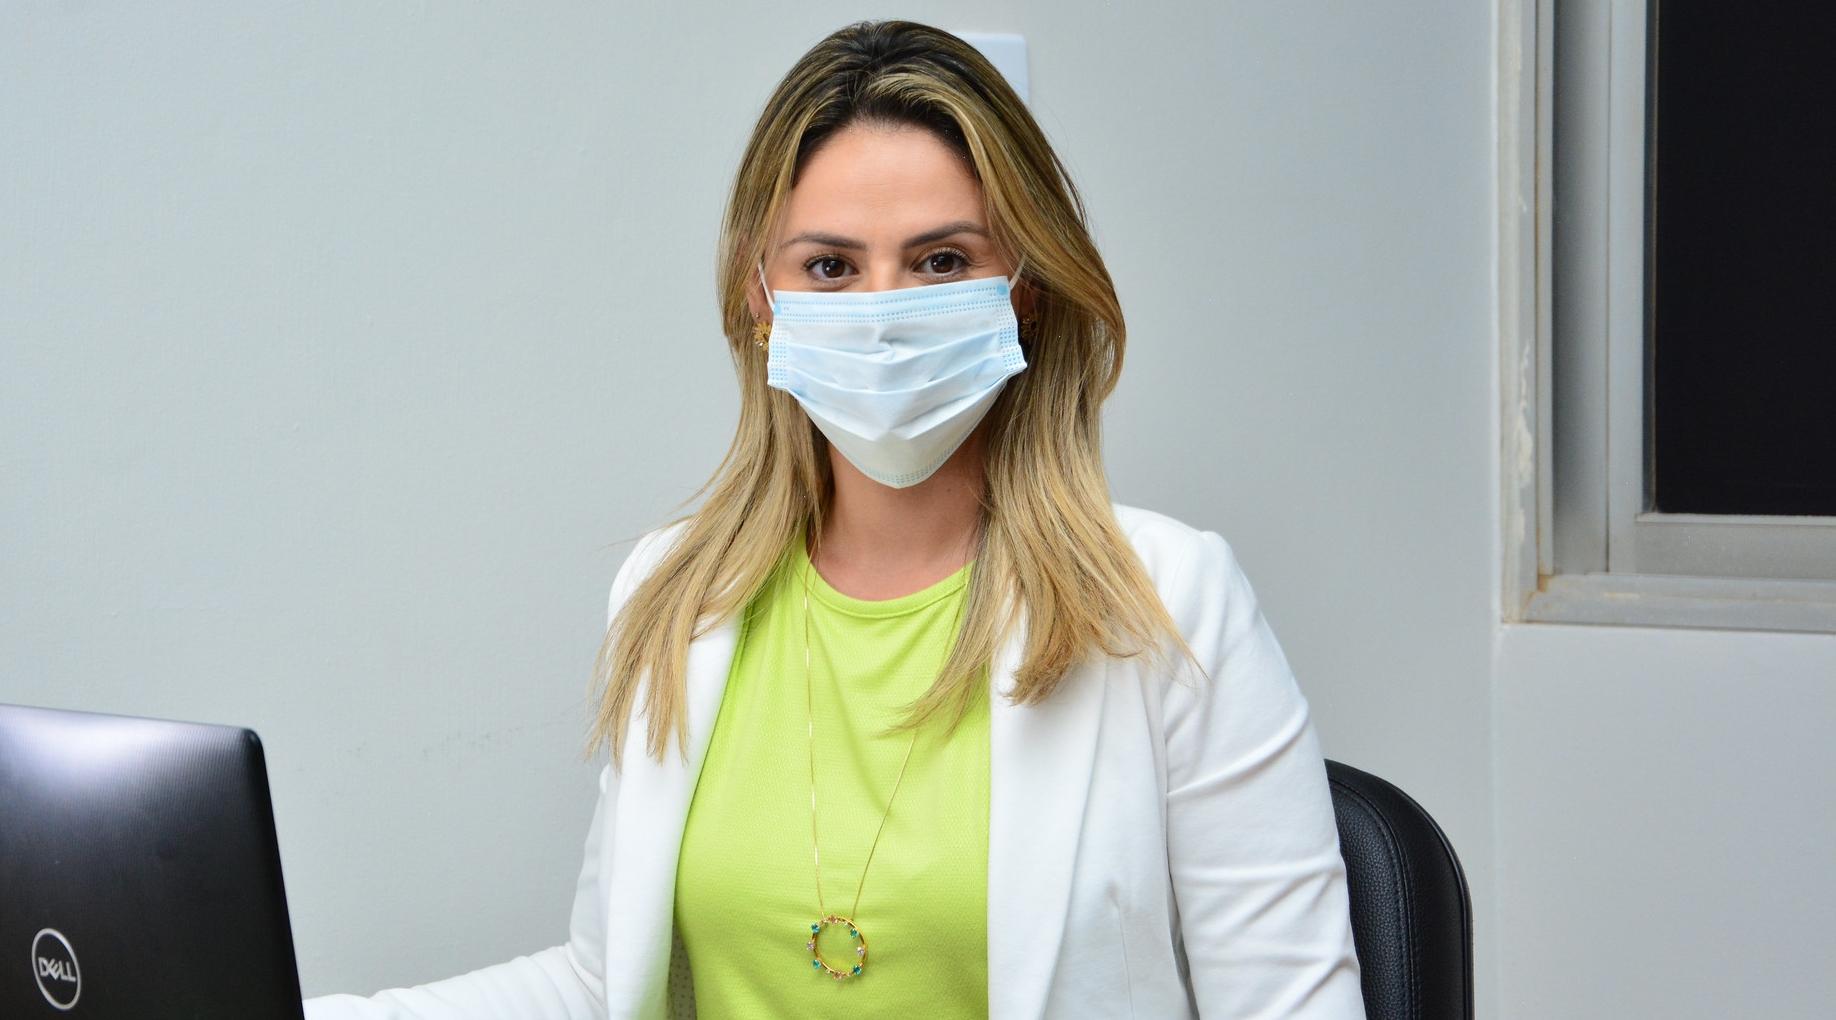 """Imagem: Michelly Alencar """"No momento mais grave da pandemia, falta sensibilidade a Emanuel"""""""